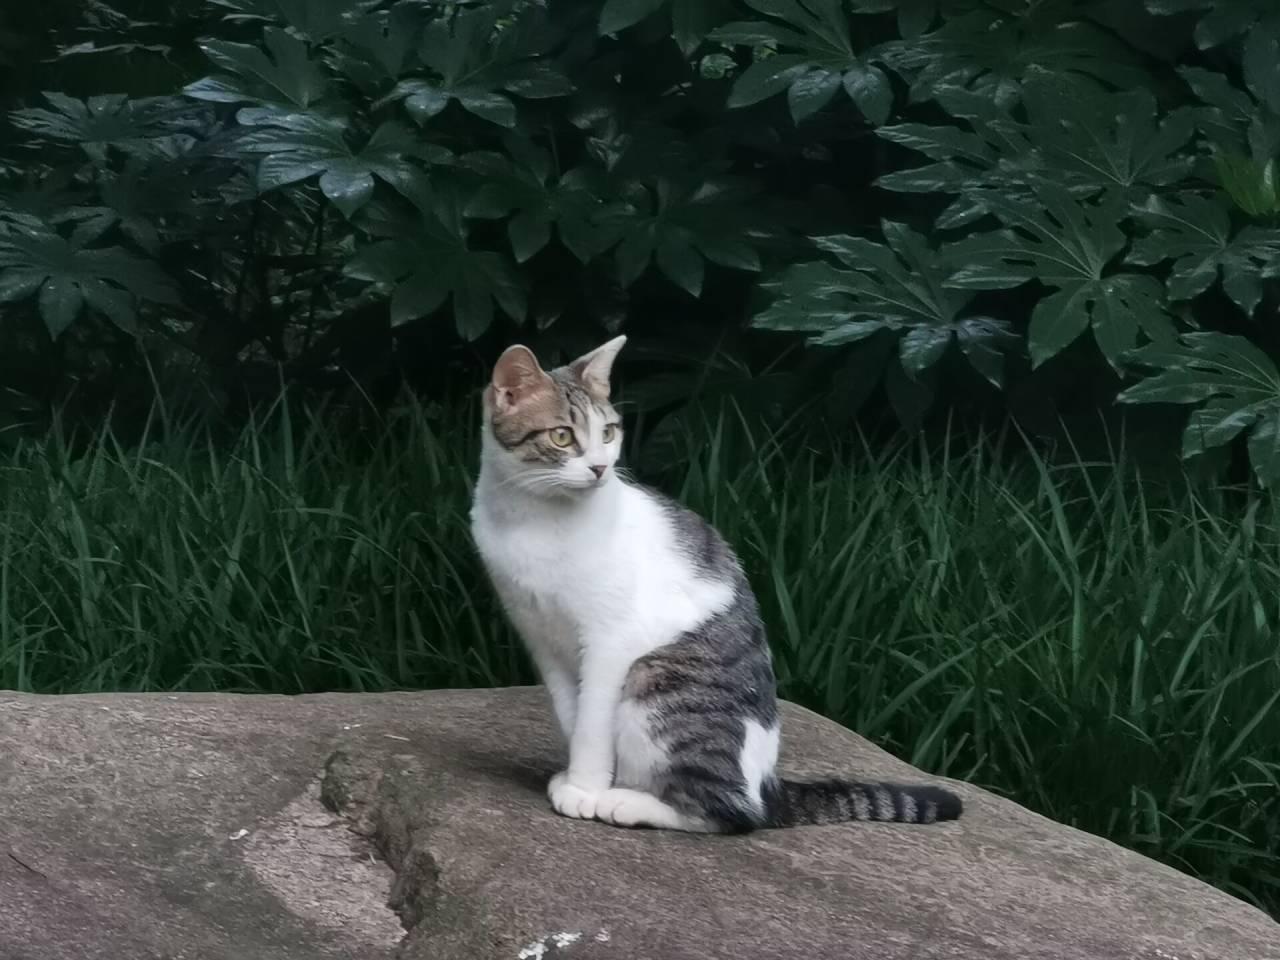 哲猫苏格拉底1.jpg